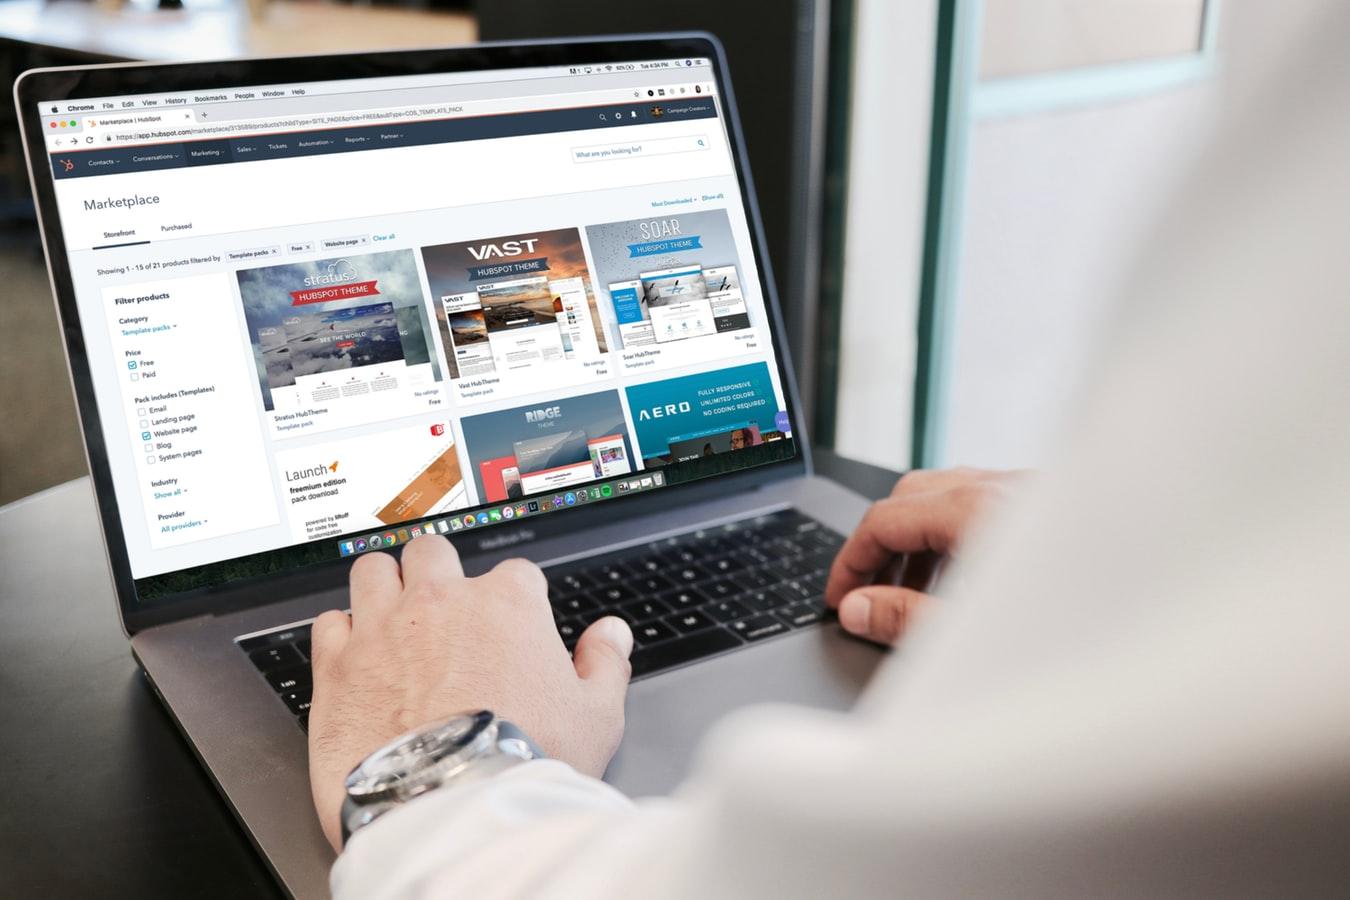 webshop-online-shoppen